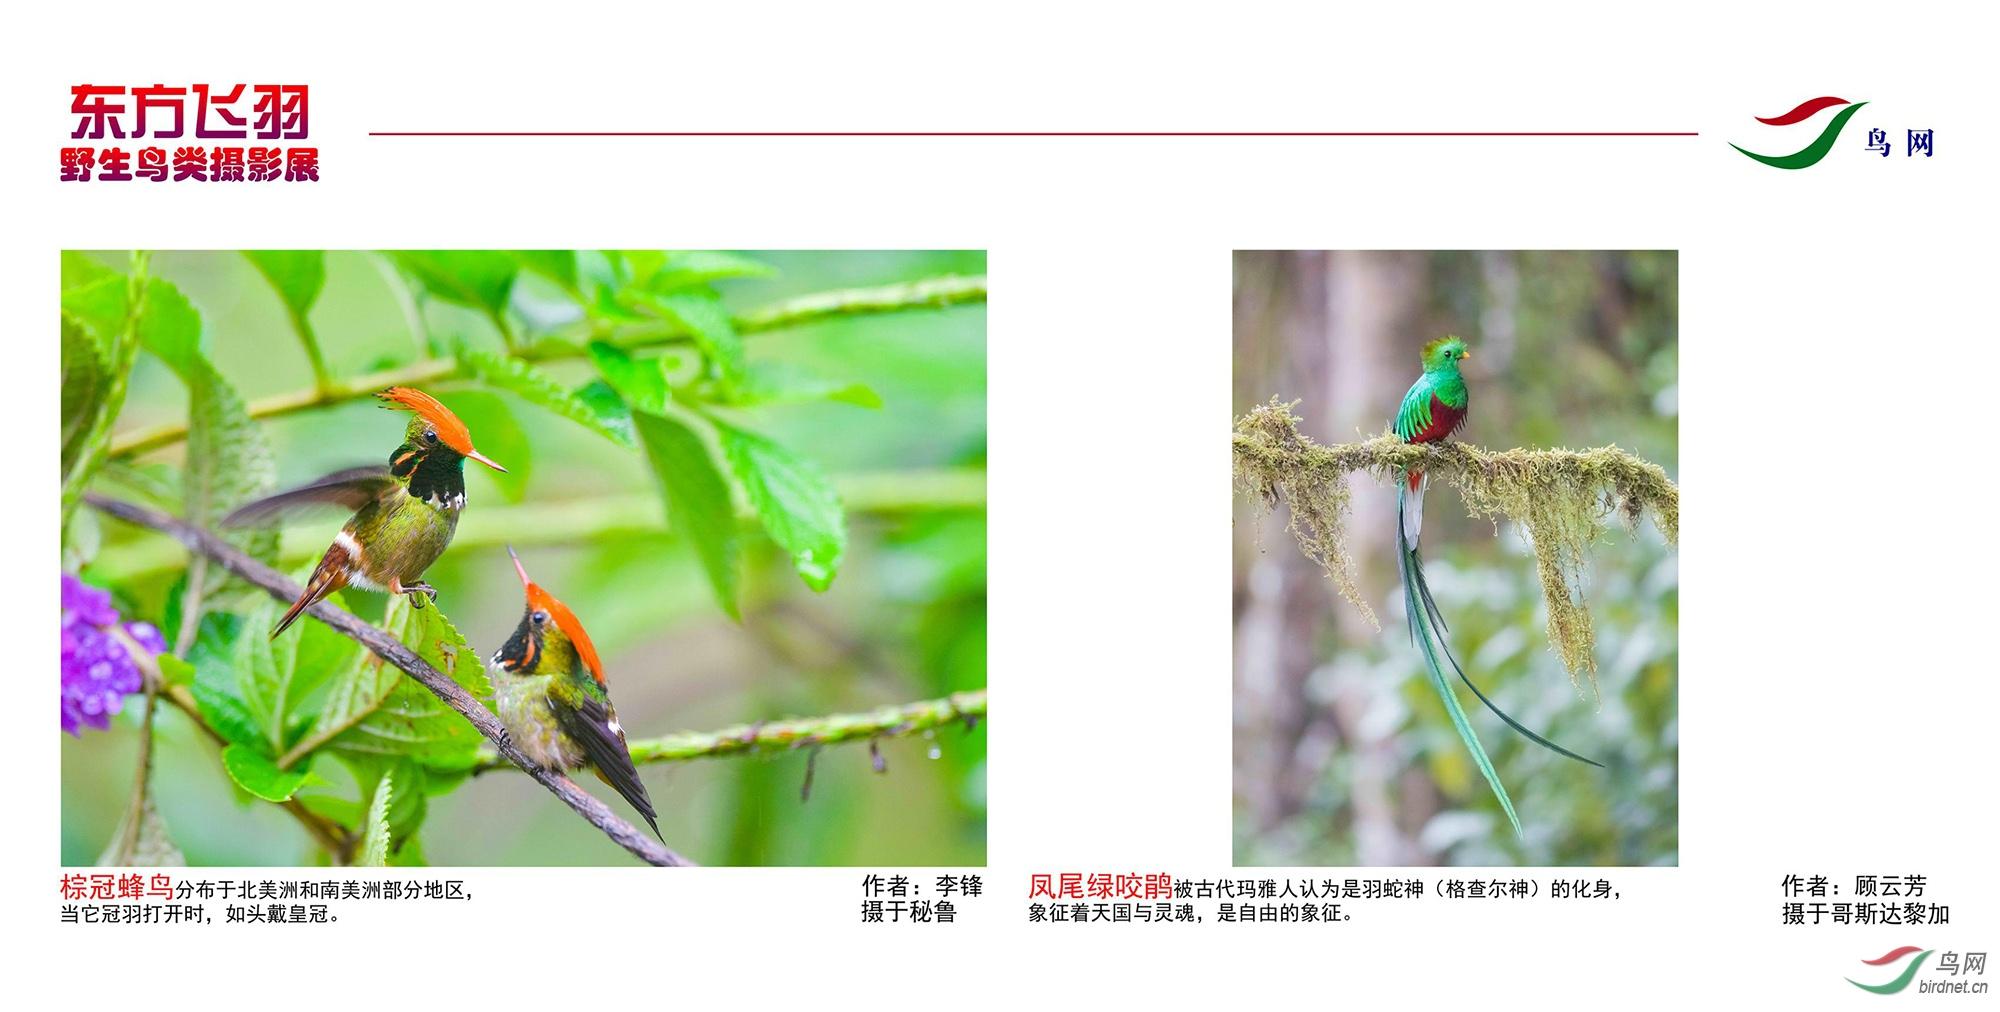 1_东方明珠摄影展照片_11.jpg